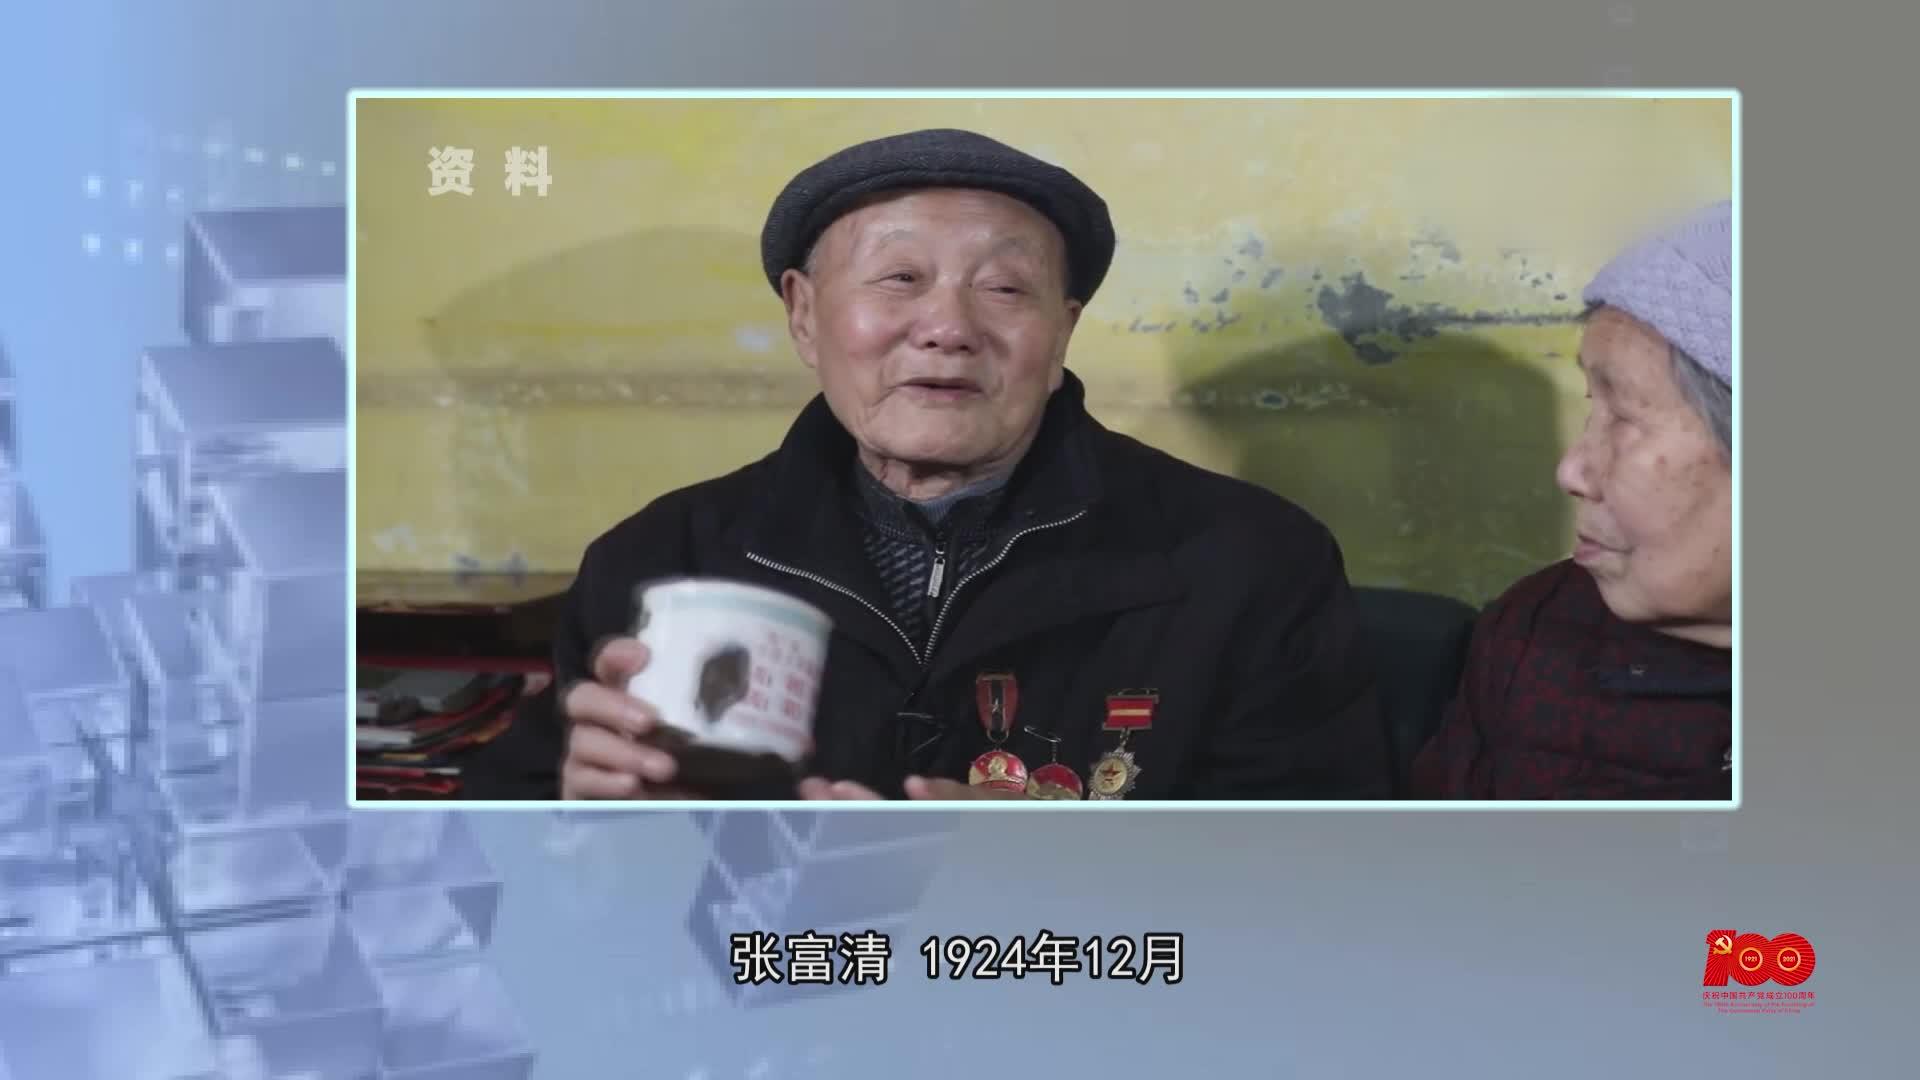 """时代楷模 张富清丨""""百年奋斗 铸就辉煌""""庆祝中国共产党成立100周年网络视听短视频大赛作品展播"""